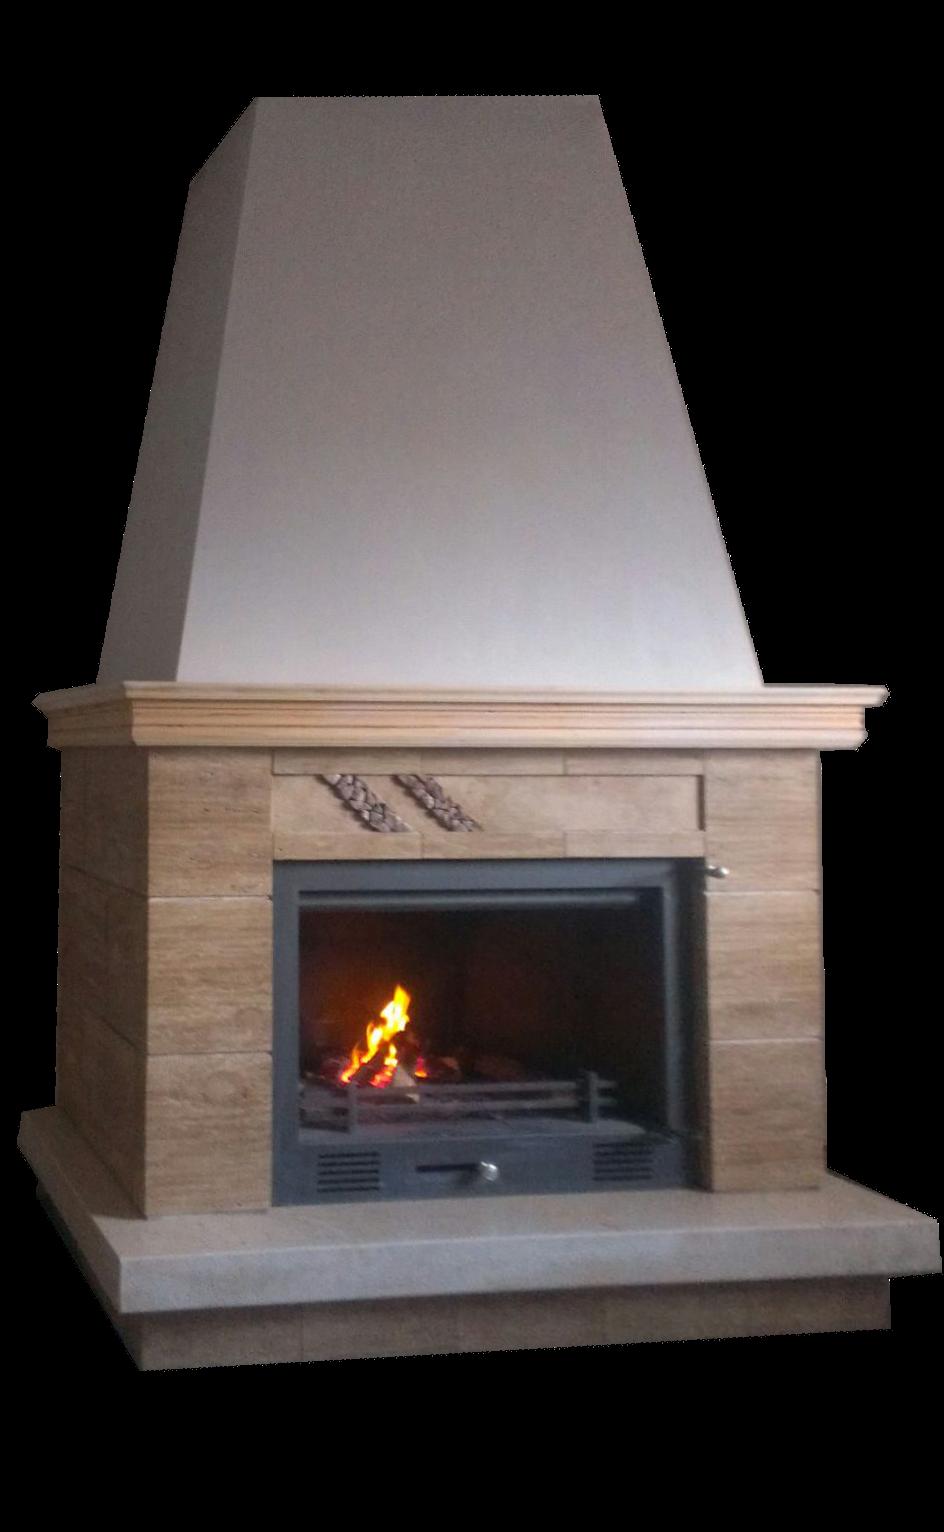 Comprar chimeneas hornos artesanos estufas barbacoas for Cassettes para chimeneas